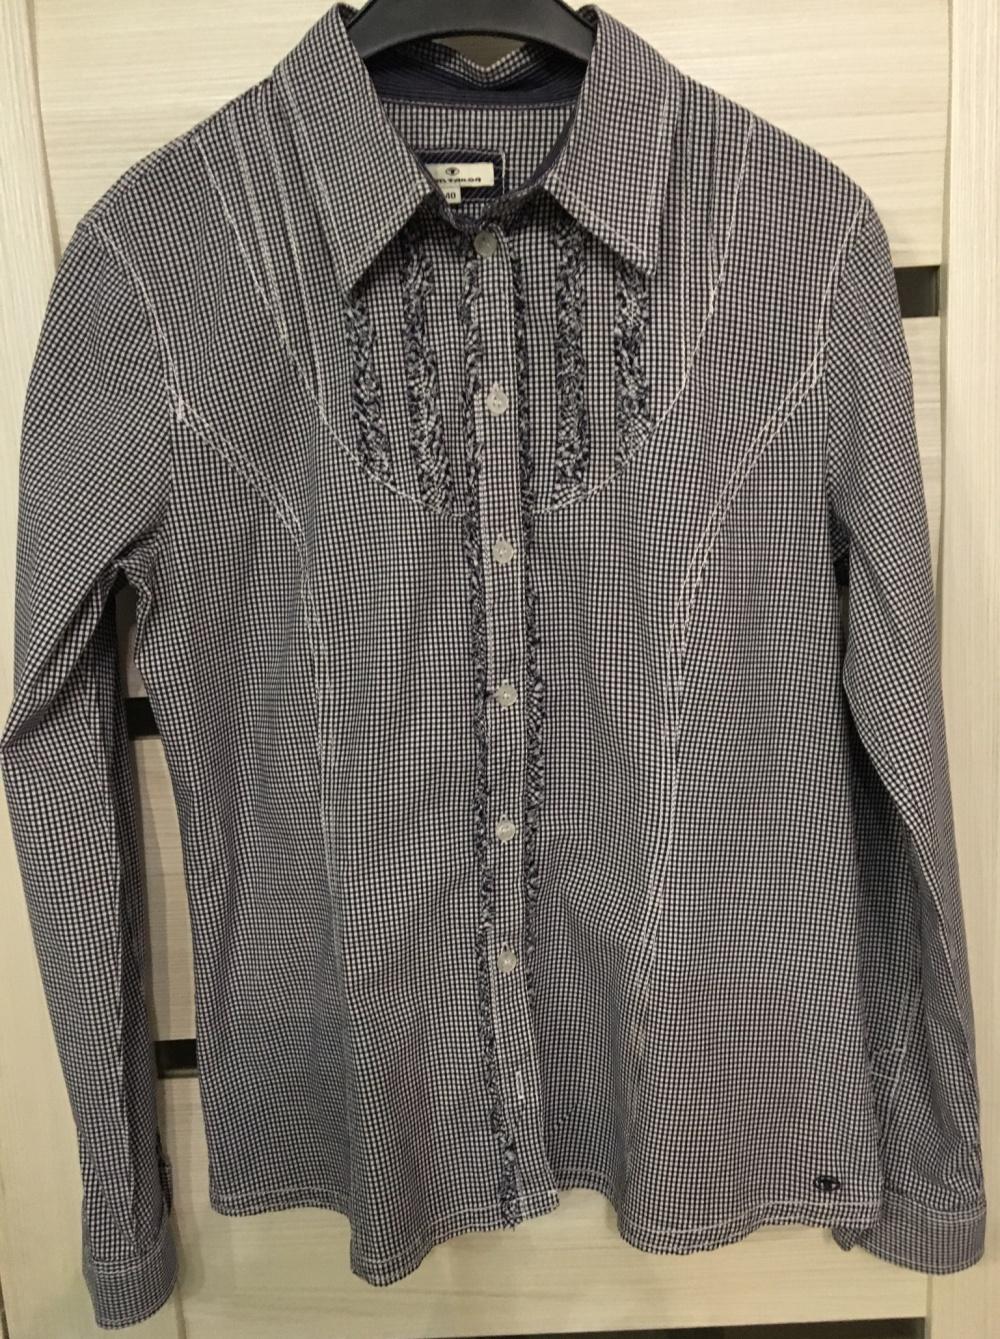 Сет: рубашка Atmosphere, размер L+ Рубашка Tom Tailor, размер M/L